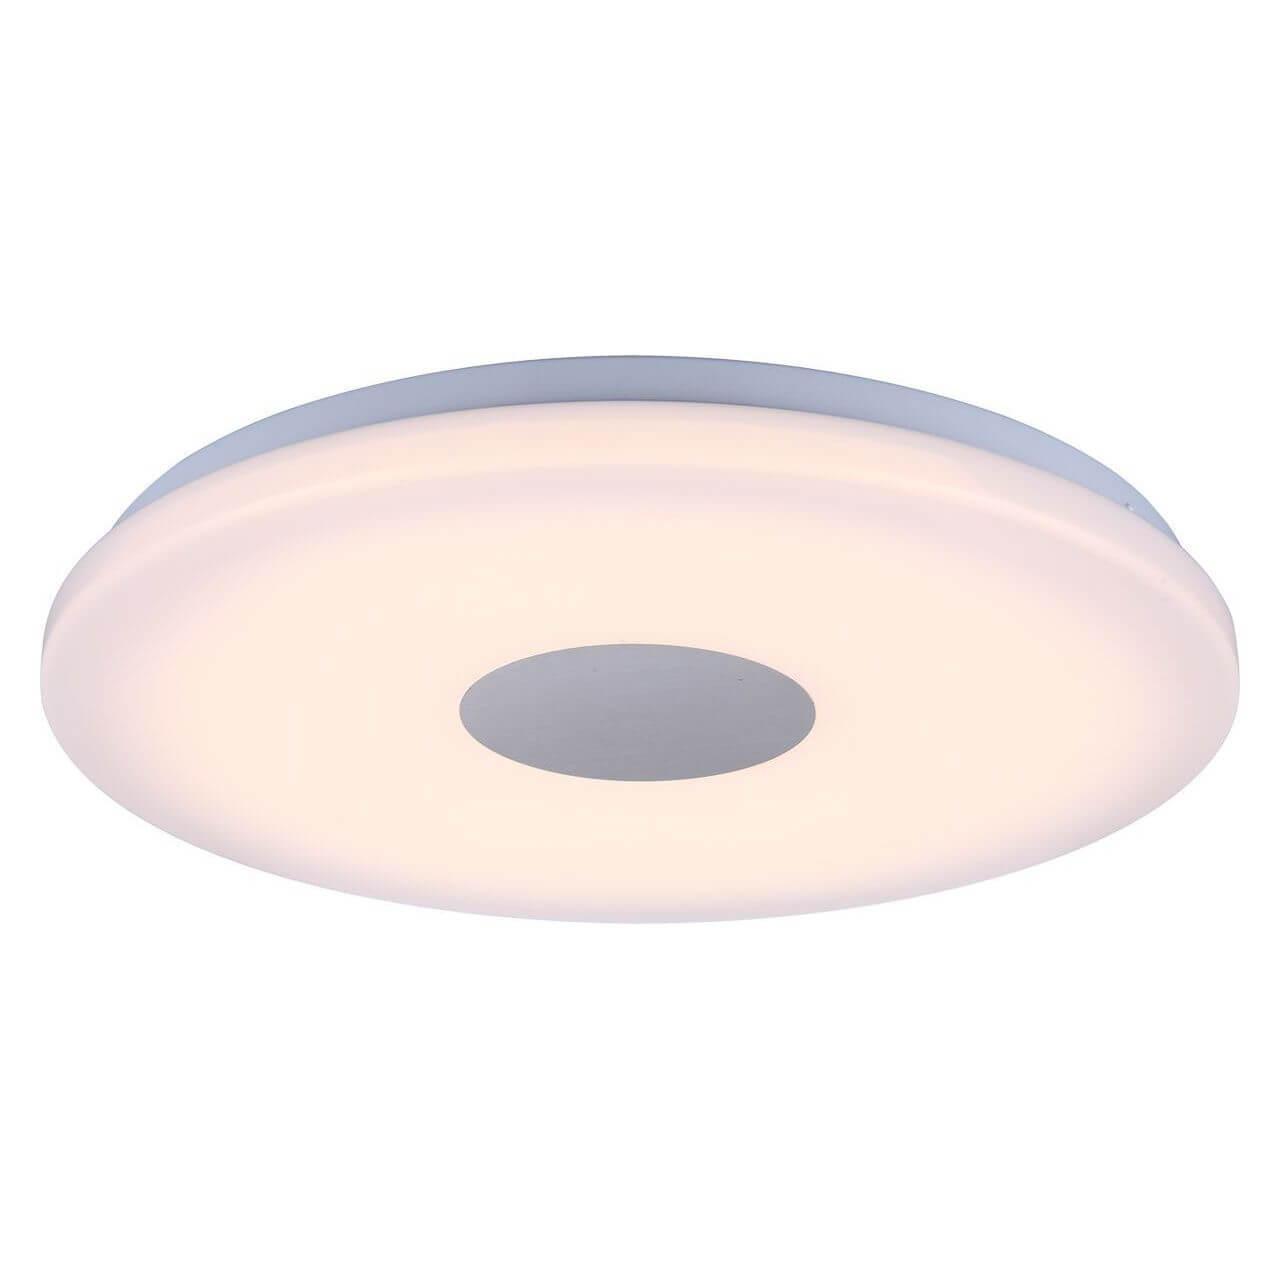 Потолочный светильник Globo 41330, LED, 18 Вт